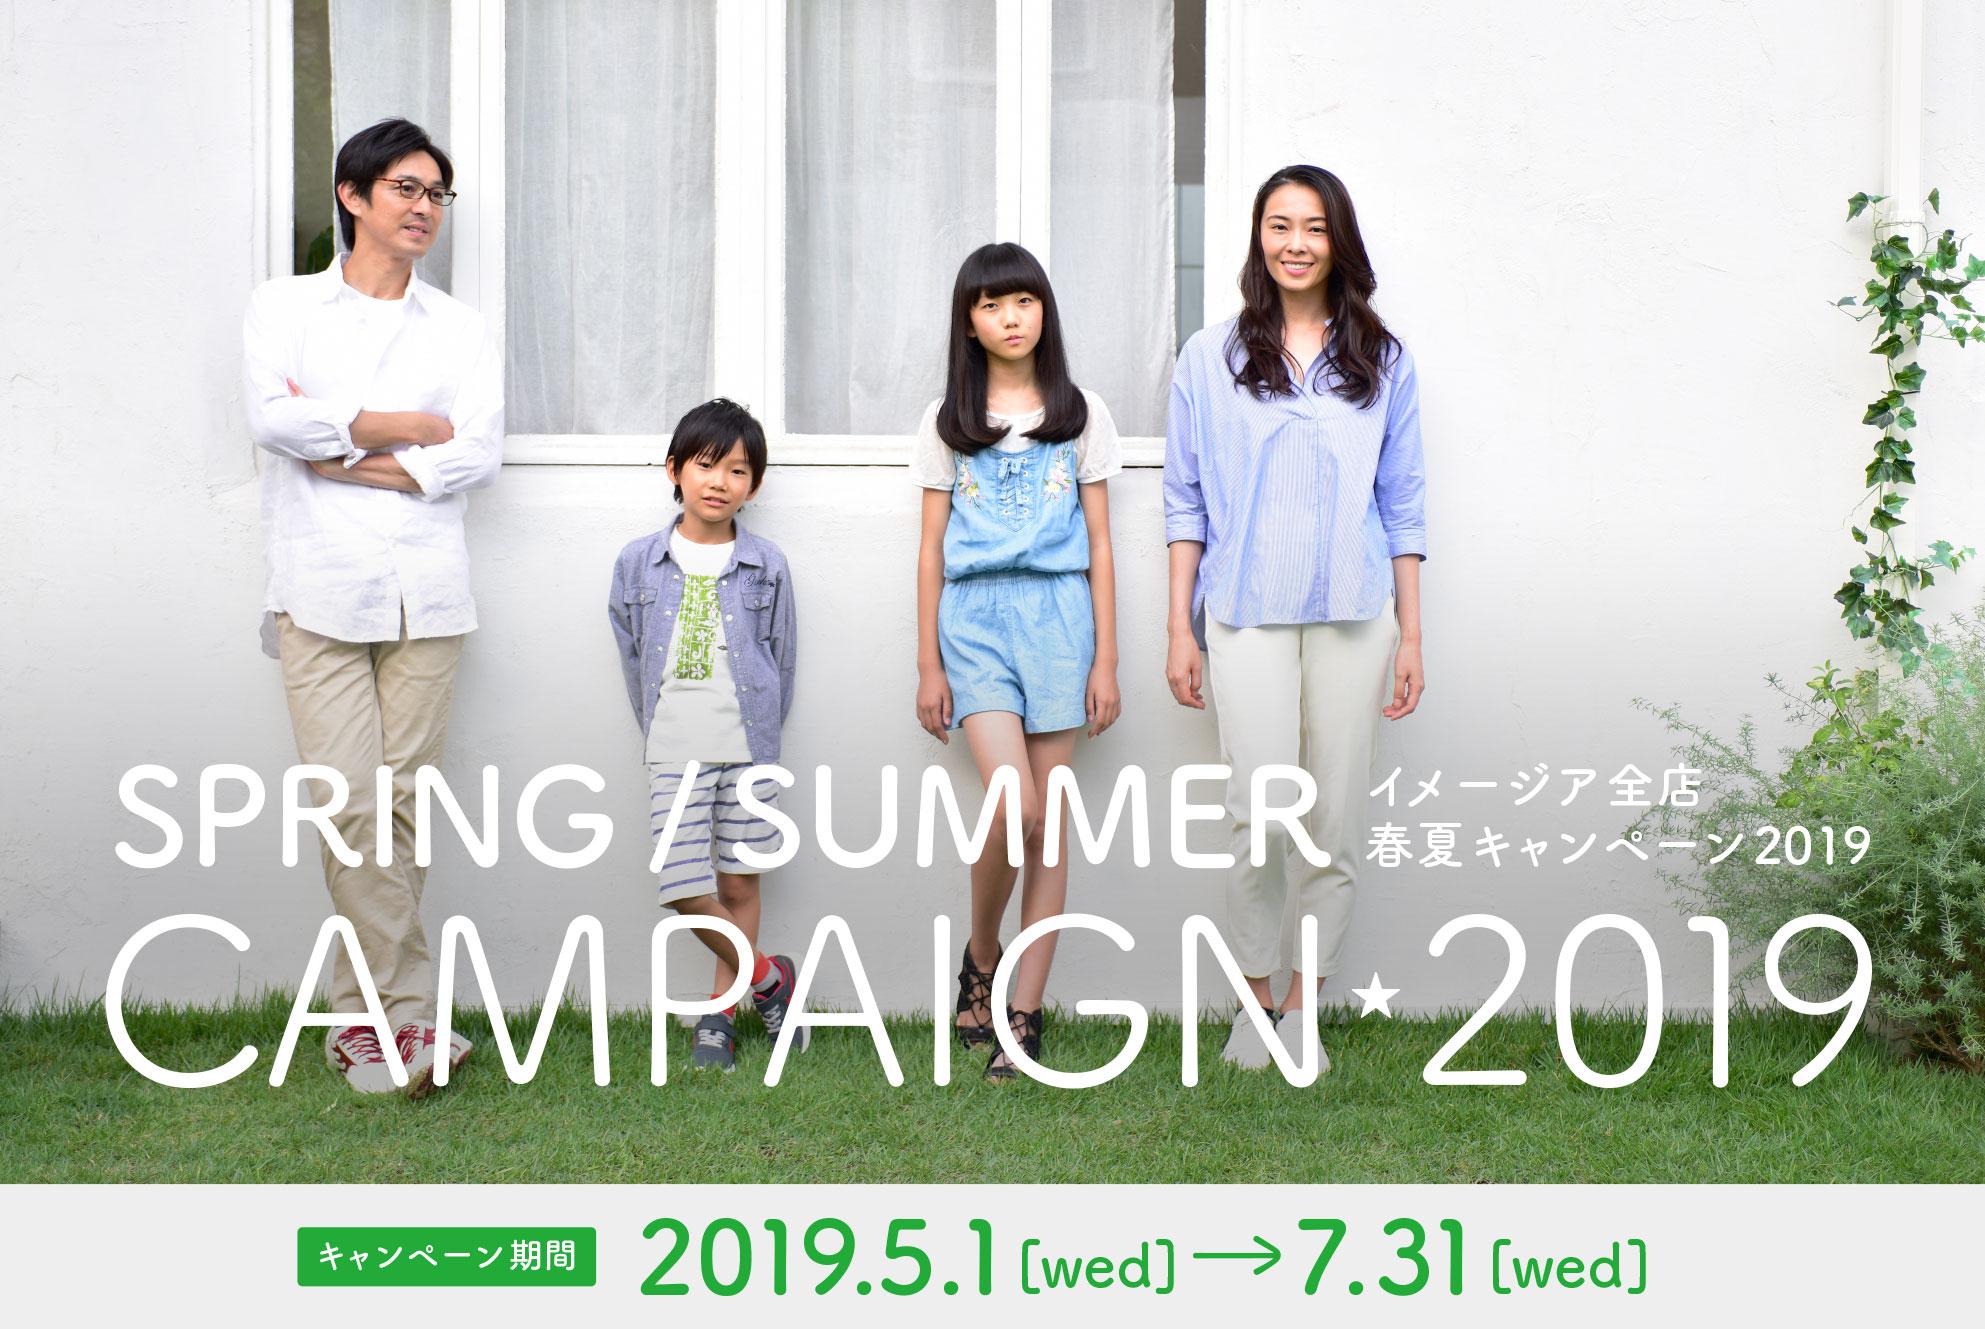 イメージア全店★春夏キャンペーン2019